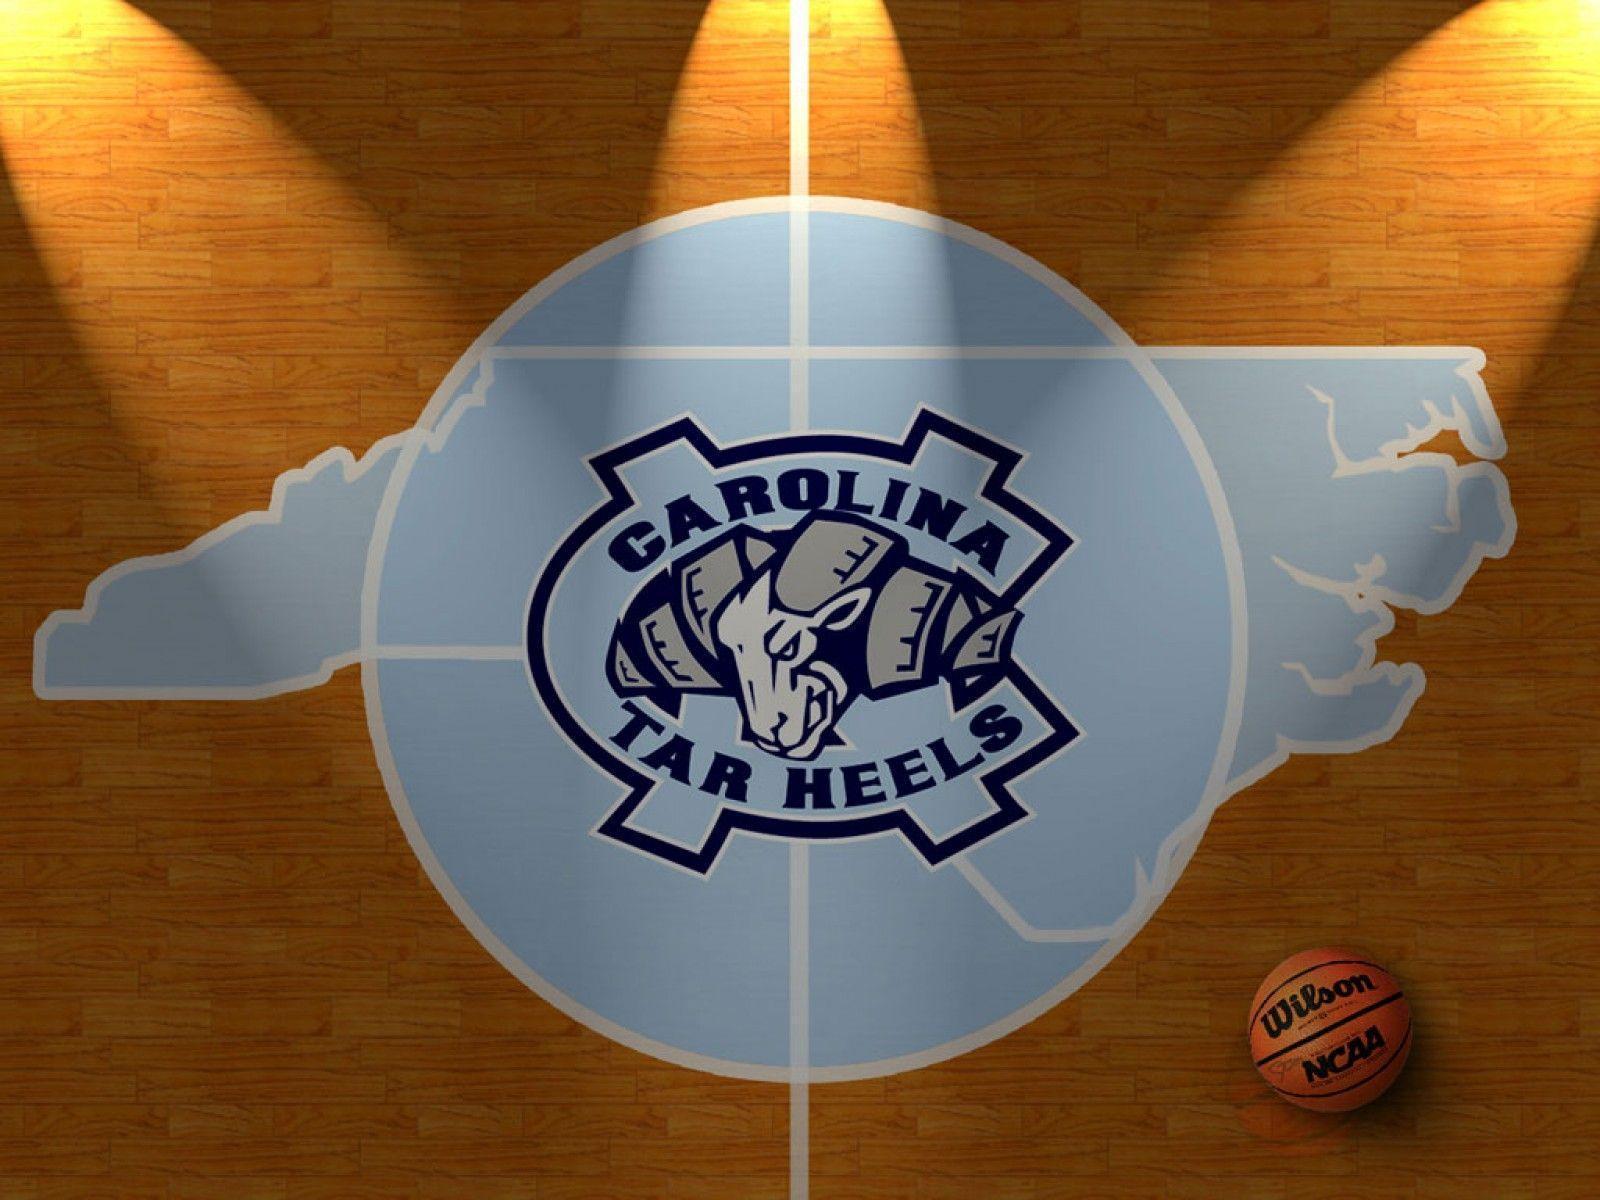 Tarheel Basketball Game